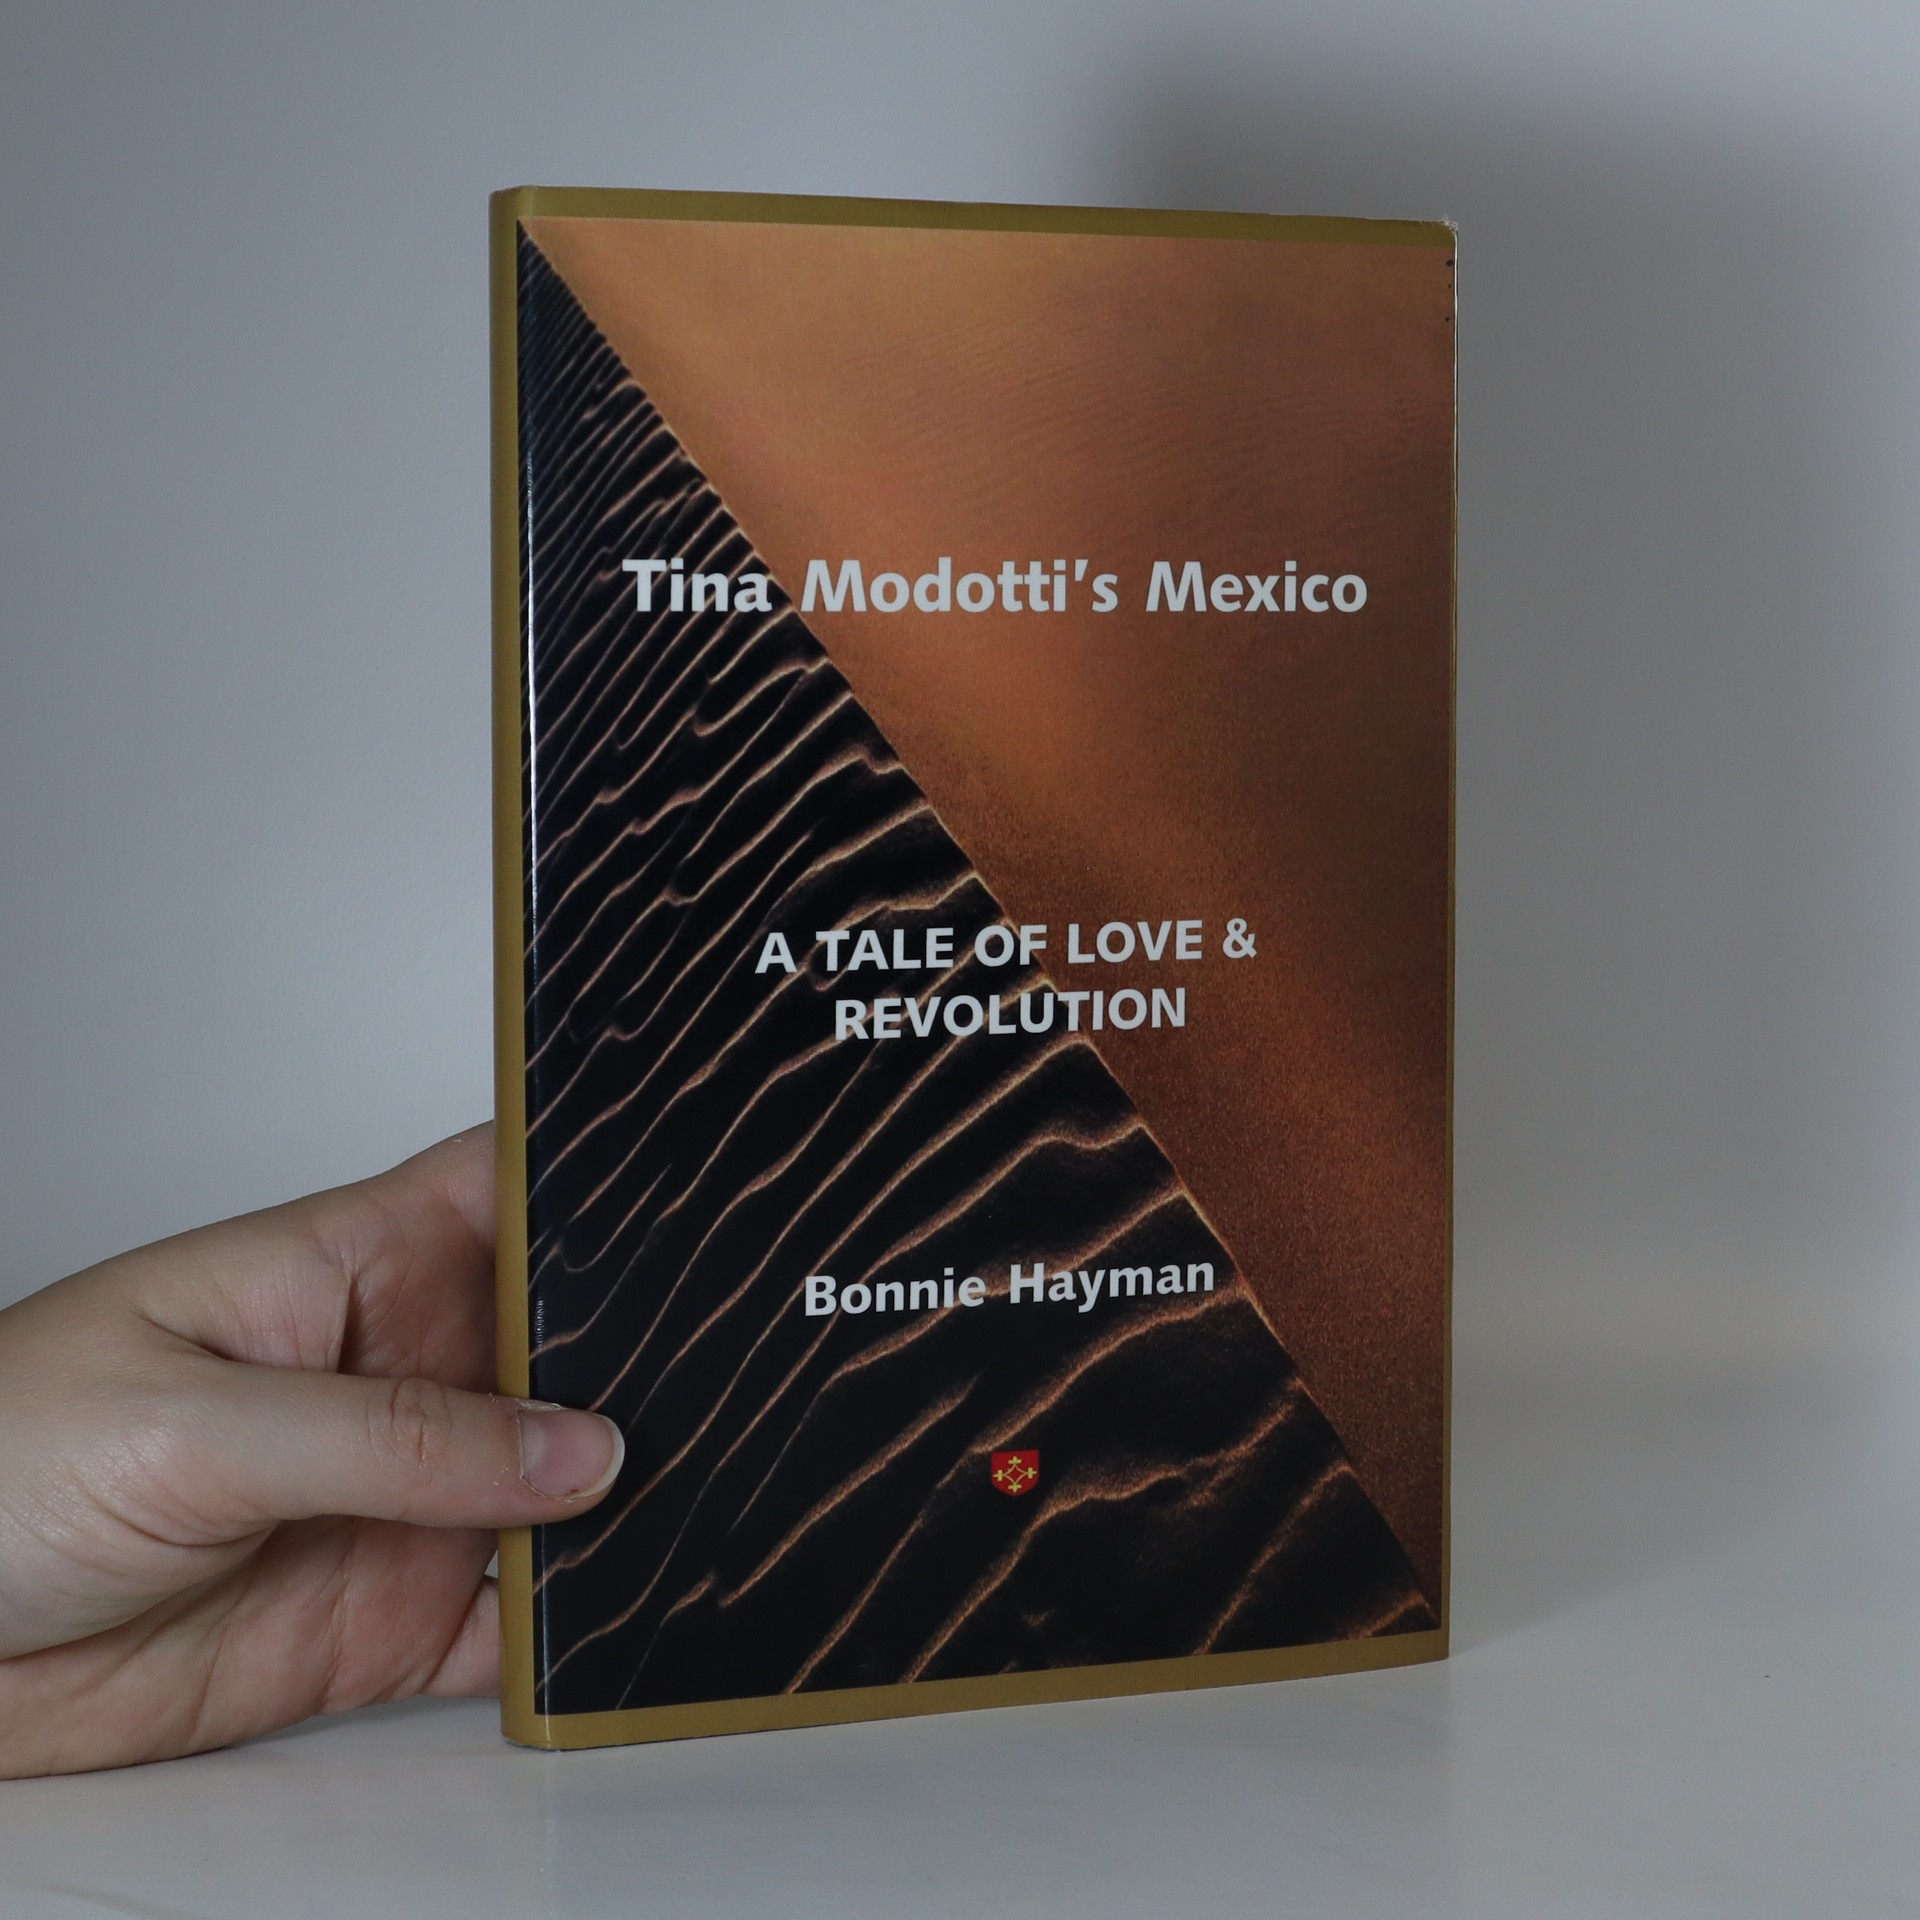 antikvární kniha Tina Modotti's Mexico : a tale of love and revolution, neuveden